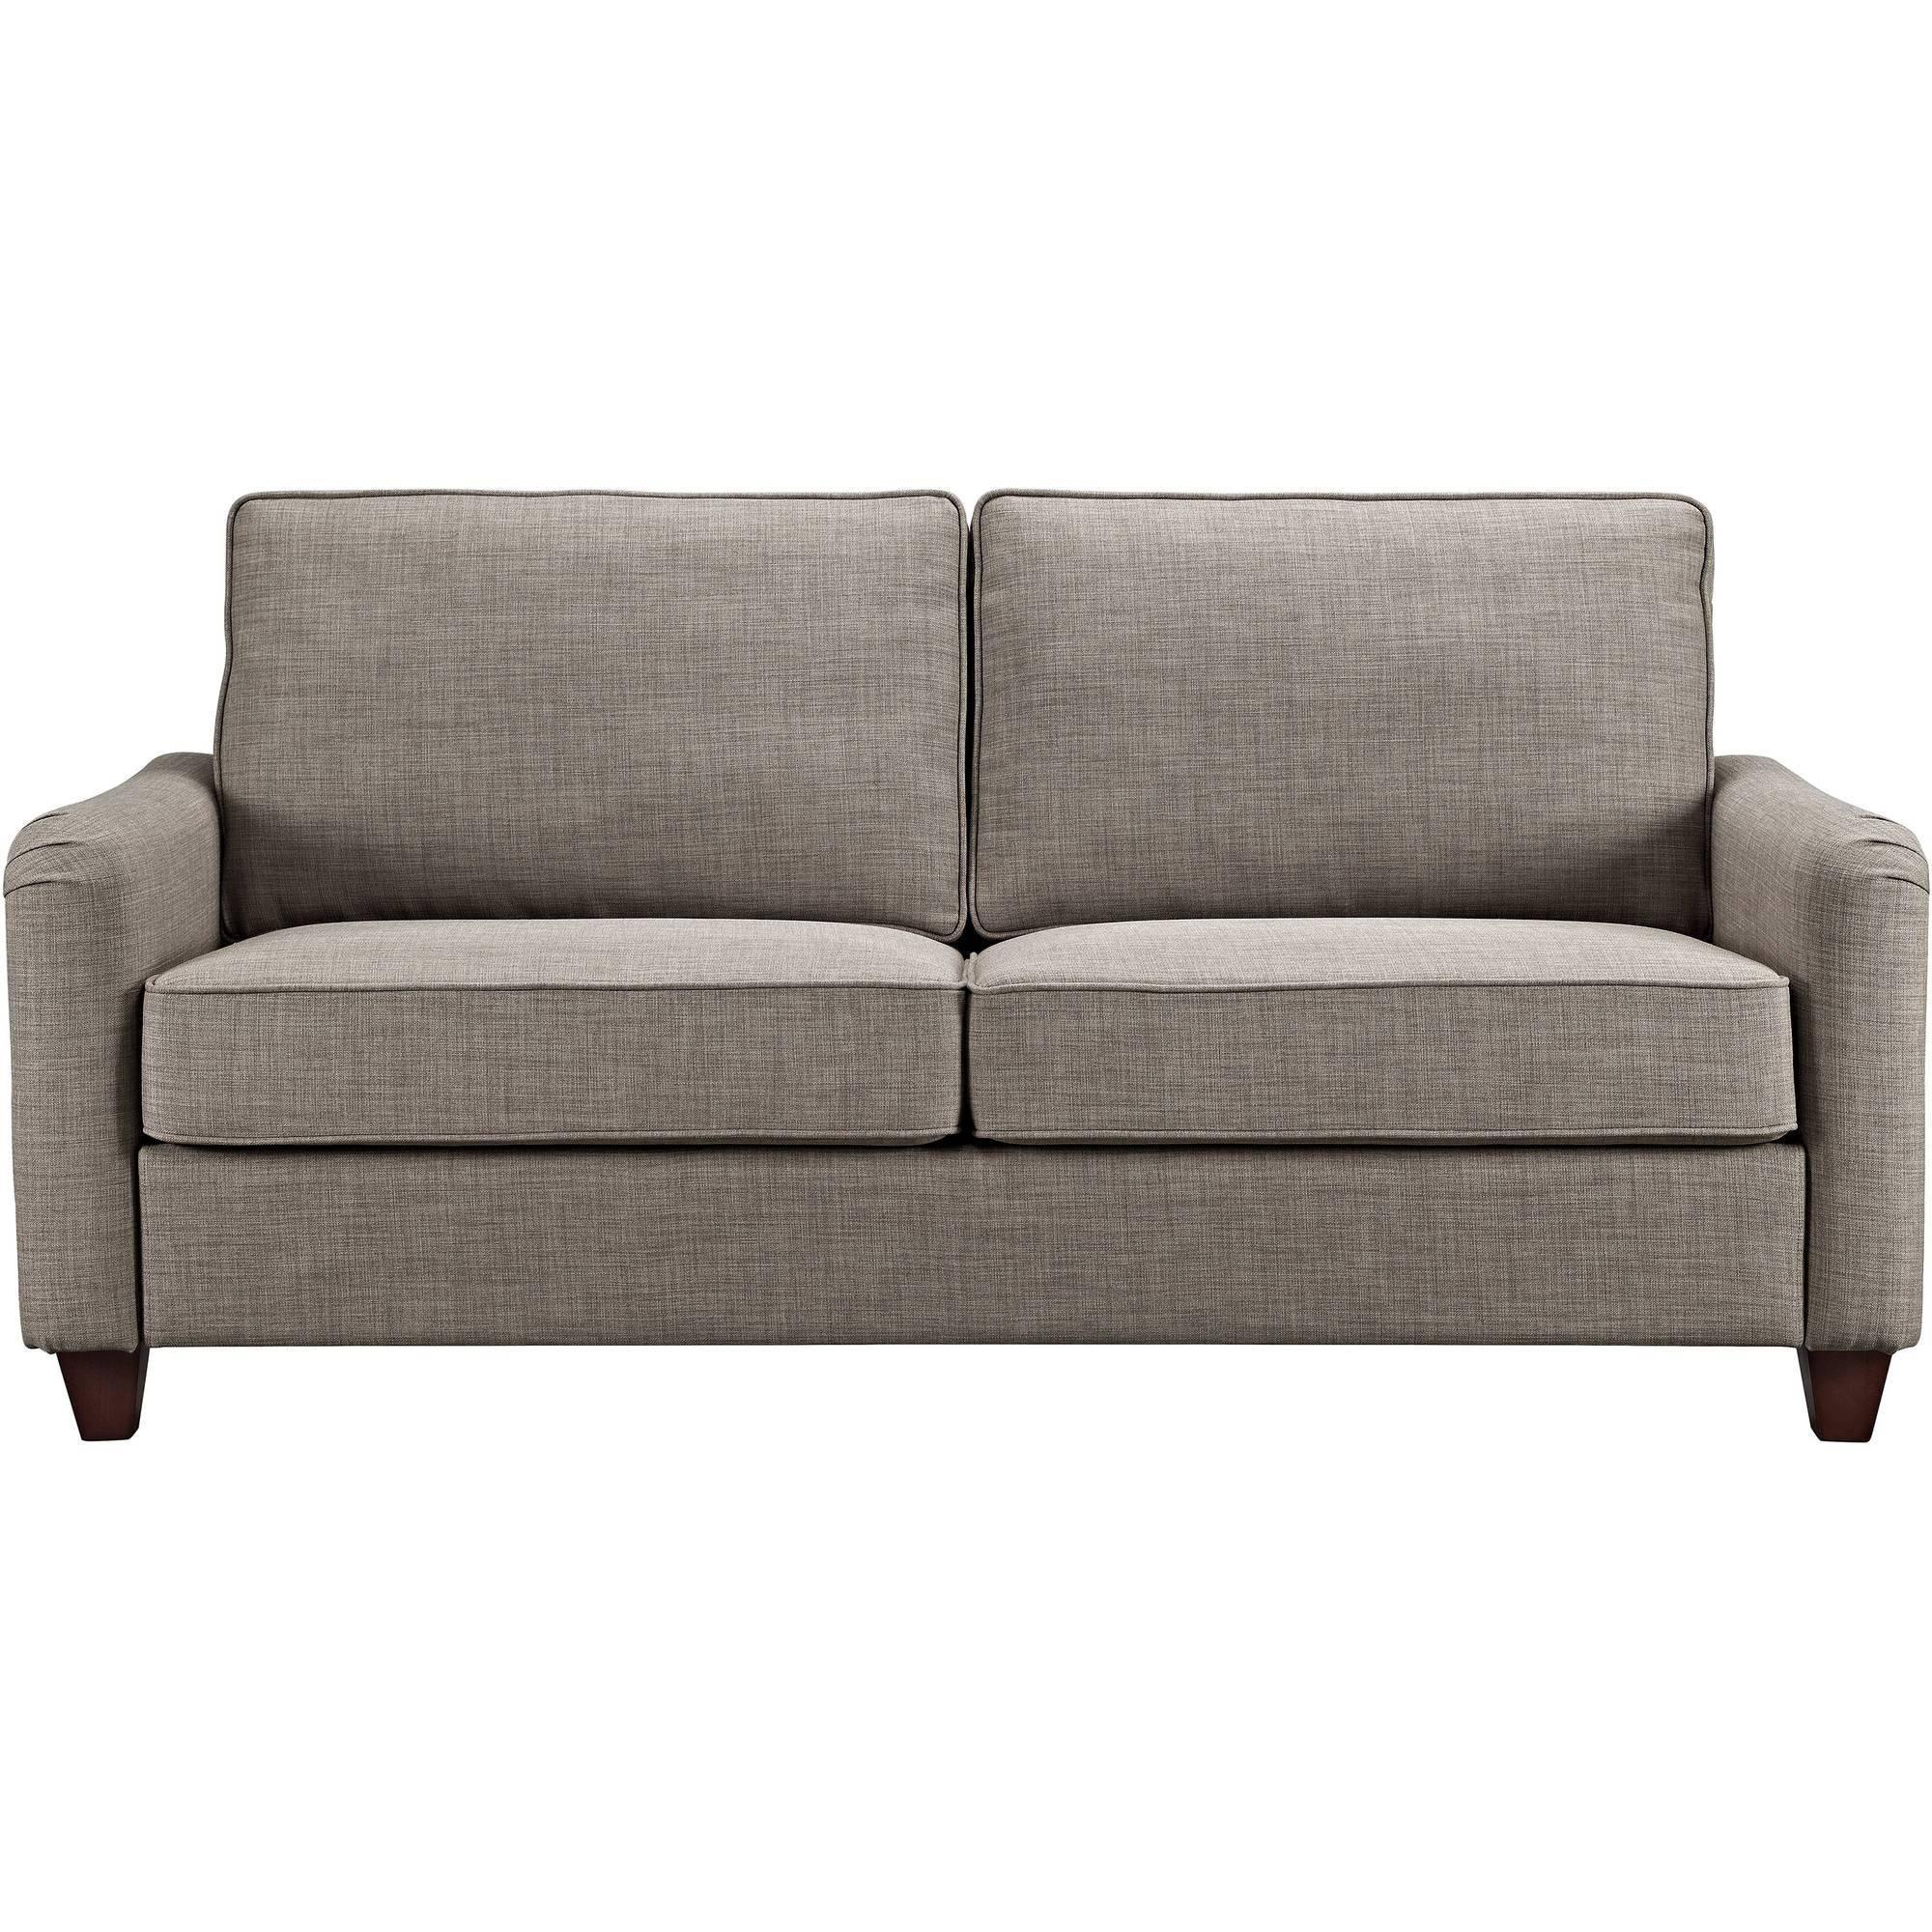 Sofa Ideas: Slipper Sofas (Explore #19 Of 20 Photos) in Slipper Sofas (Image 12 of 15)